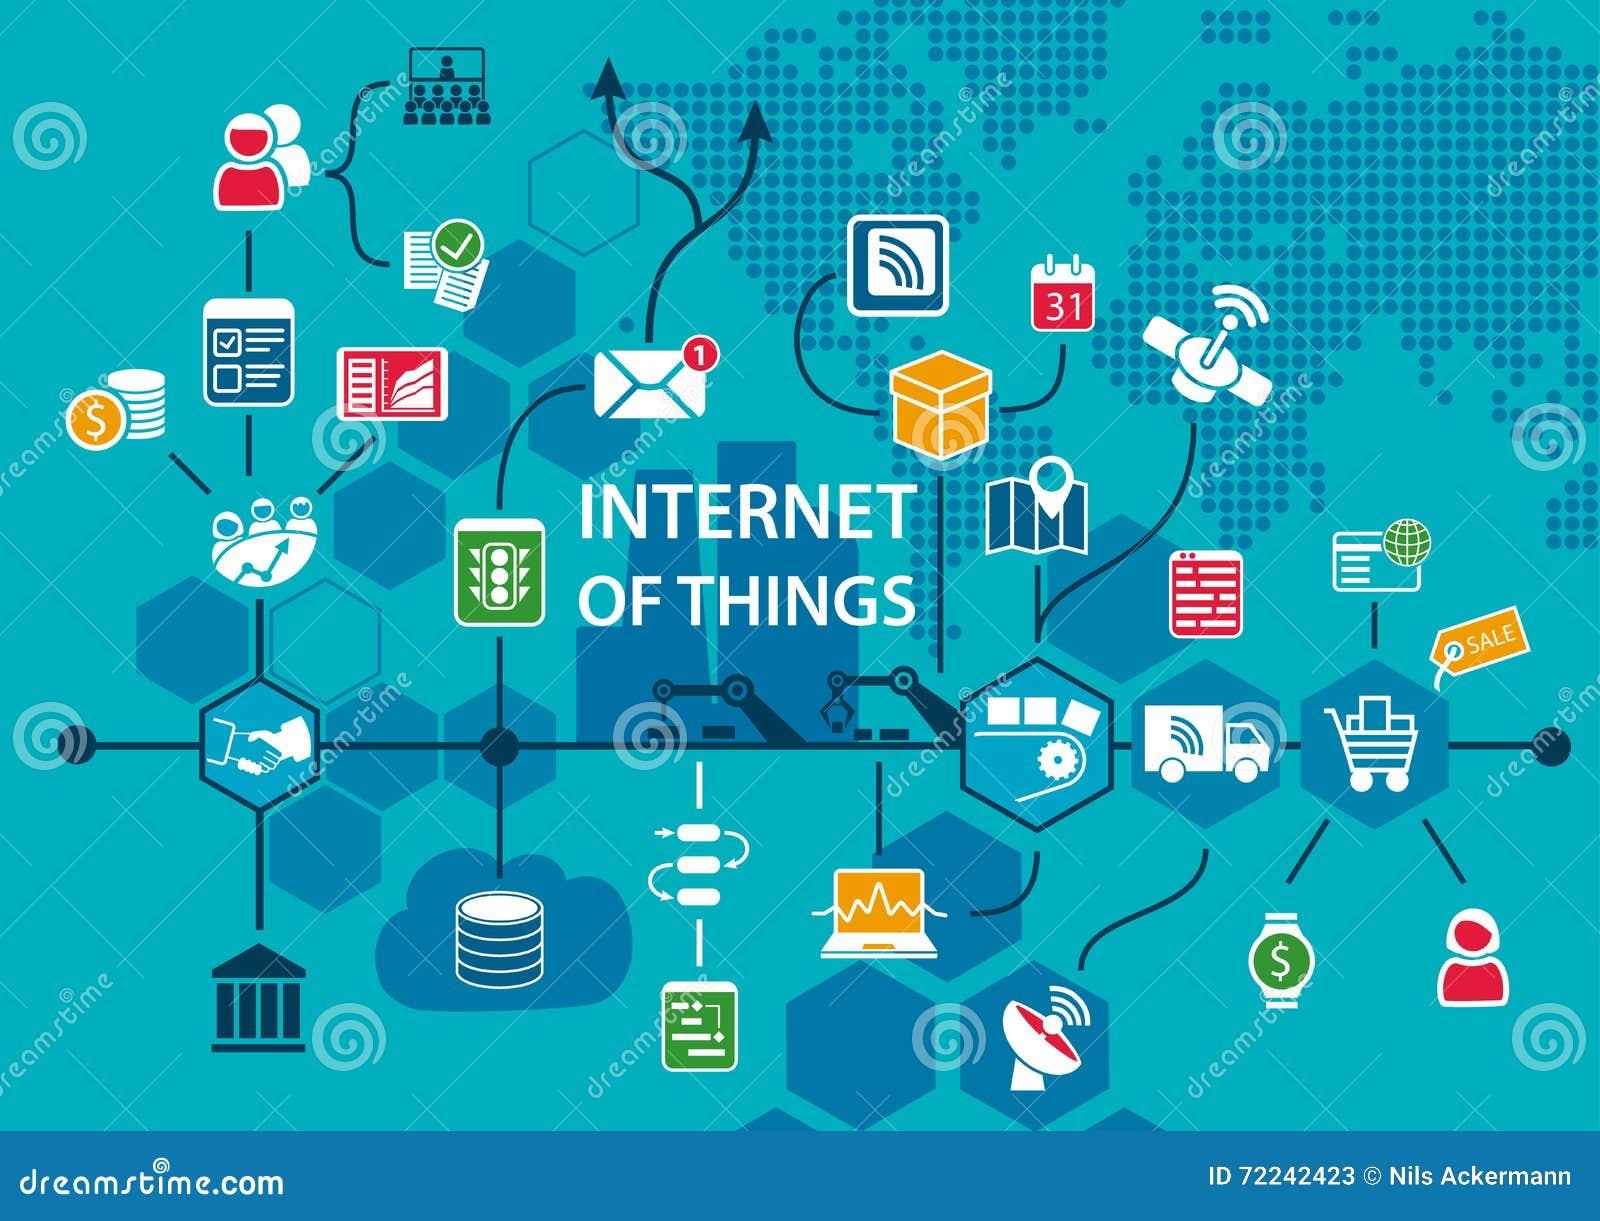 Internet del fondo conceptual de las cosas IOT con el flujo de trabajo del extremo para terminar la cadena de suministro como eje